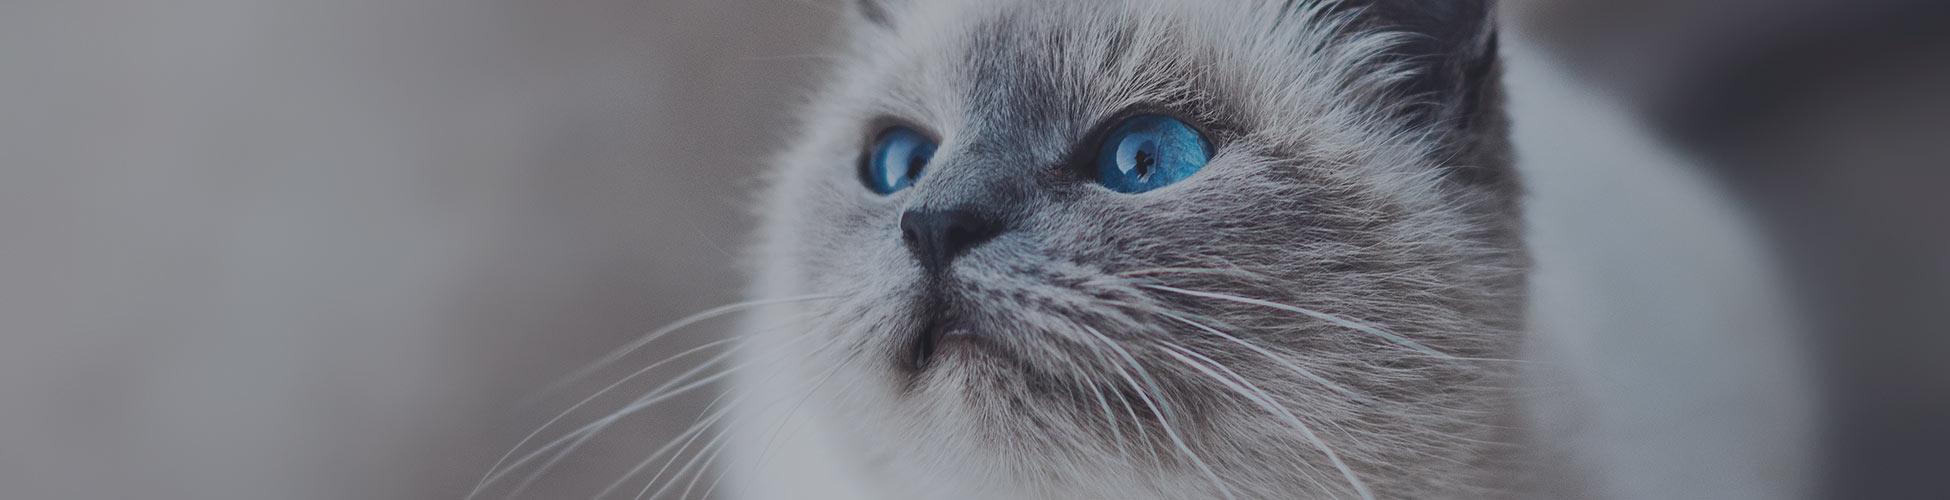 Cleeve cats cat